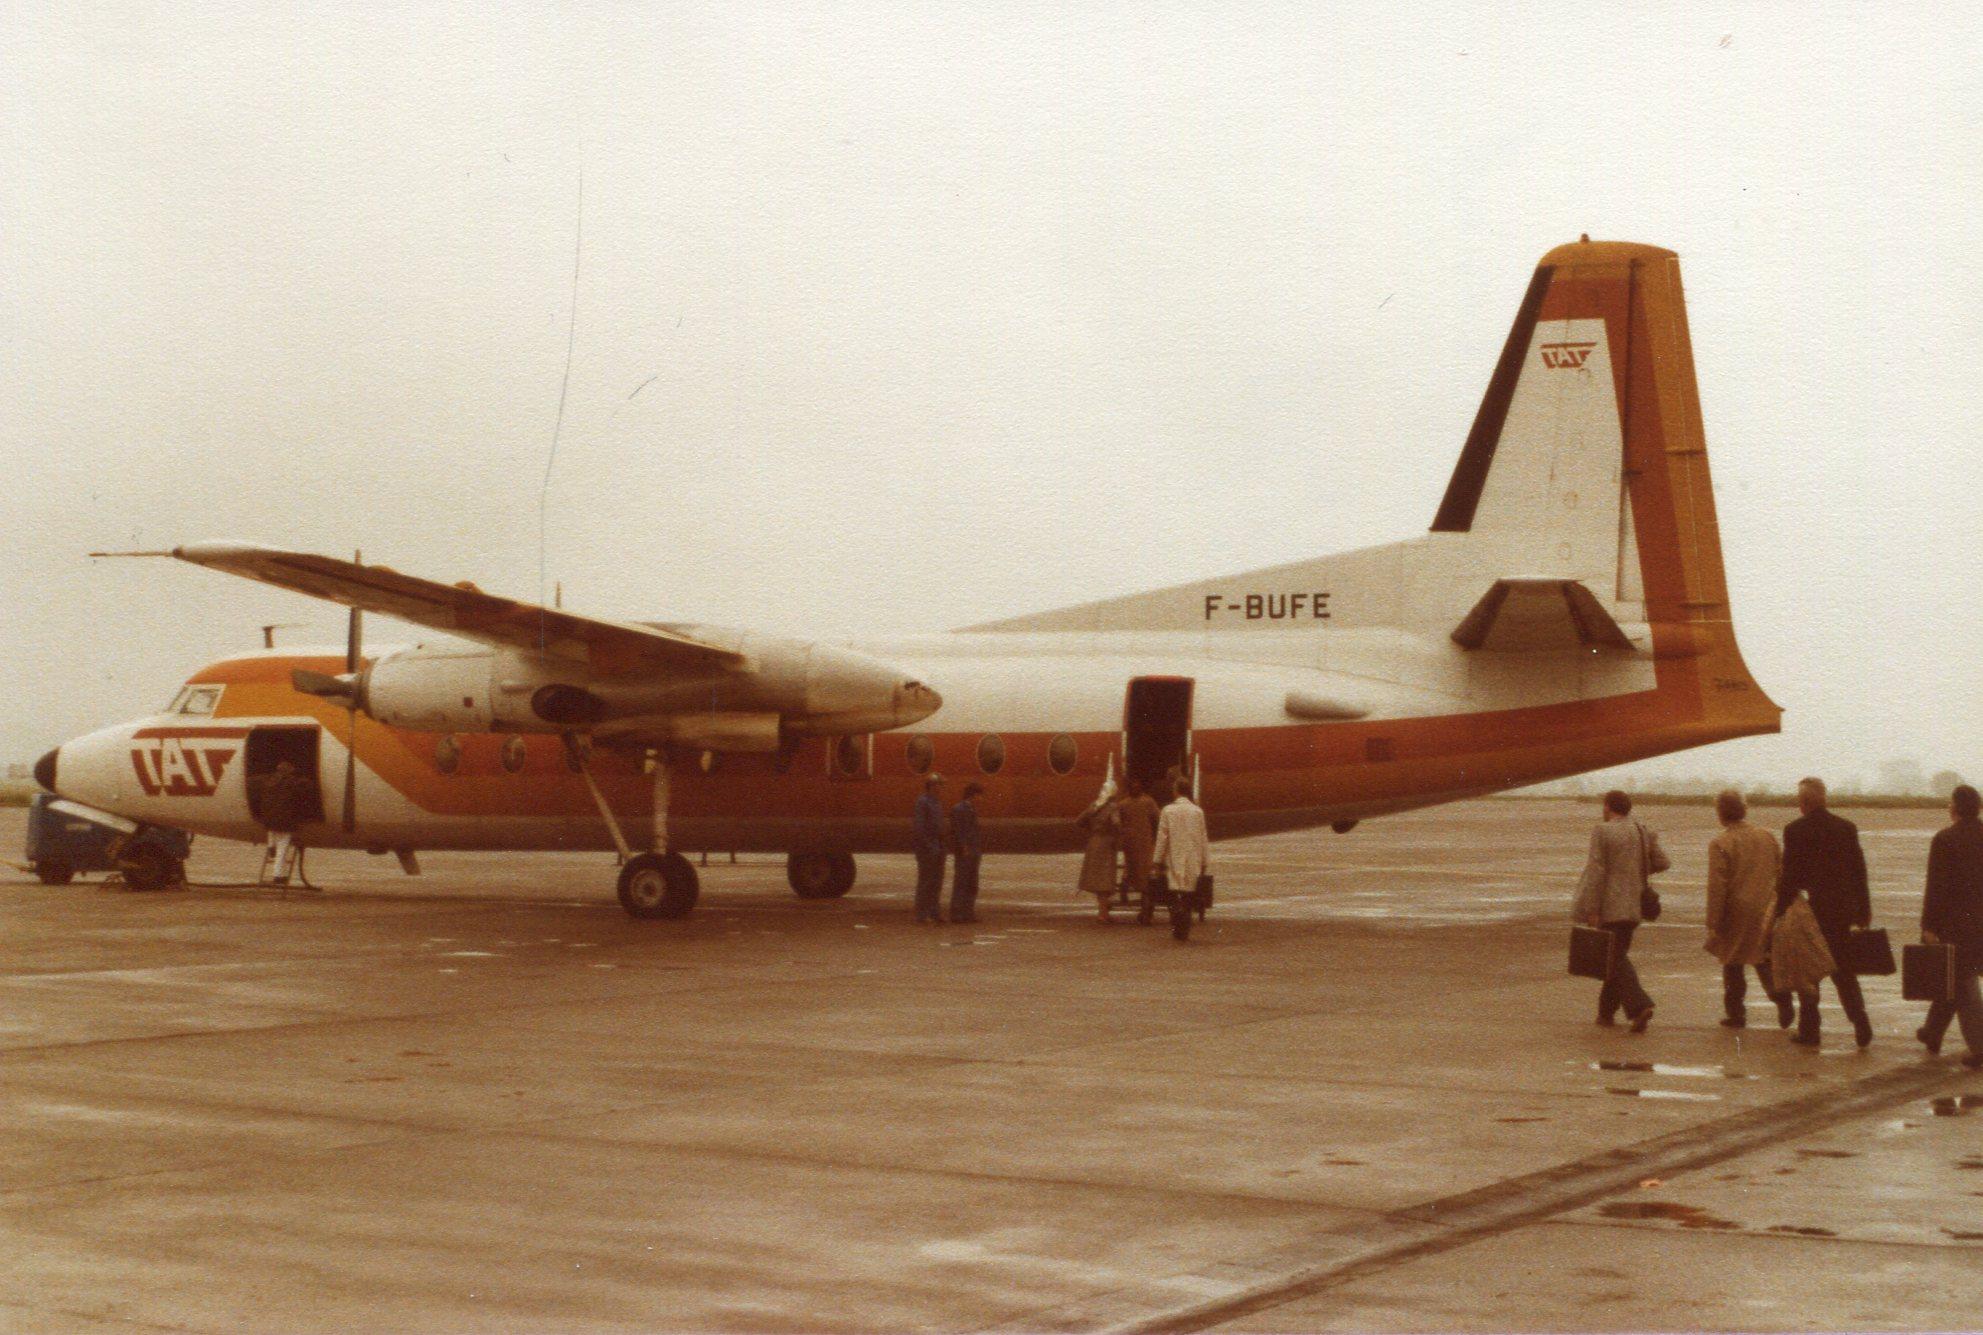 Naam: ClermontFerrand 4-1978.jpg Bekeken: 88 Grootte: 400,8 KB